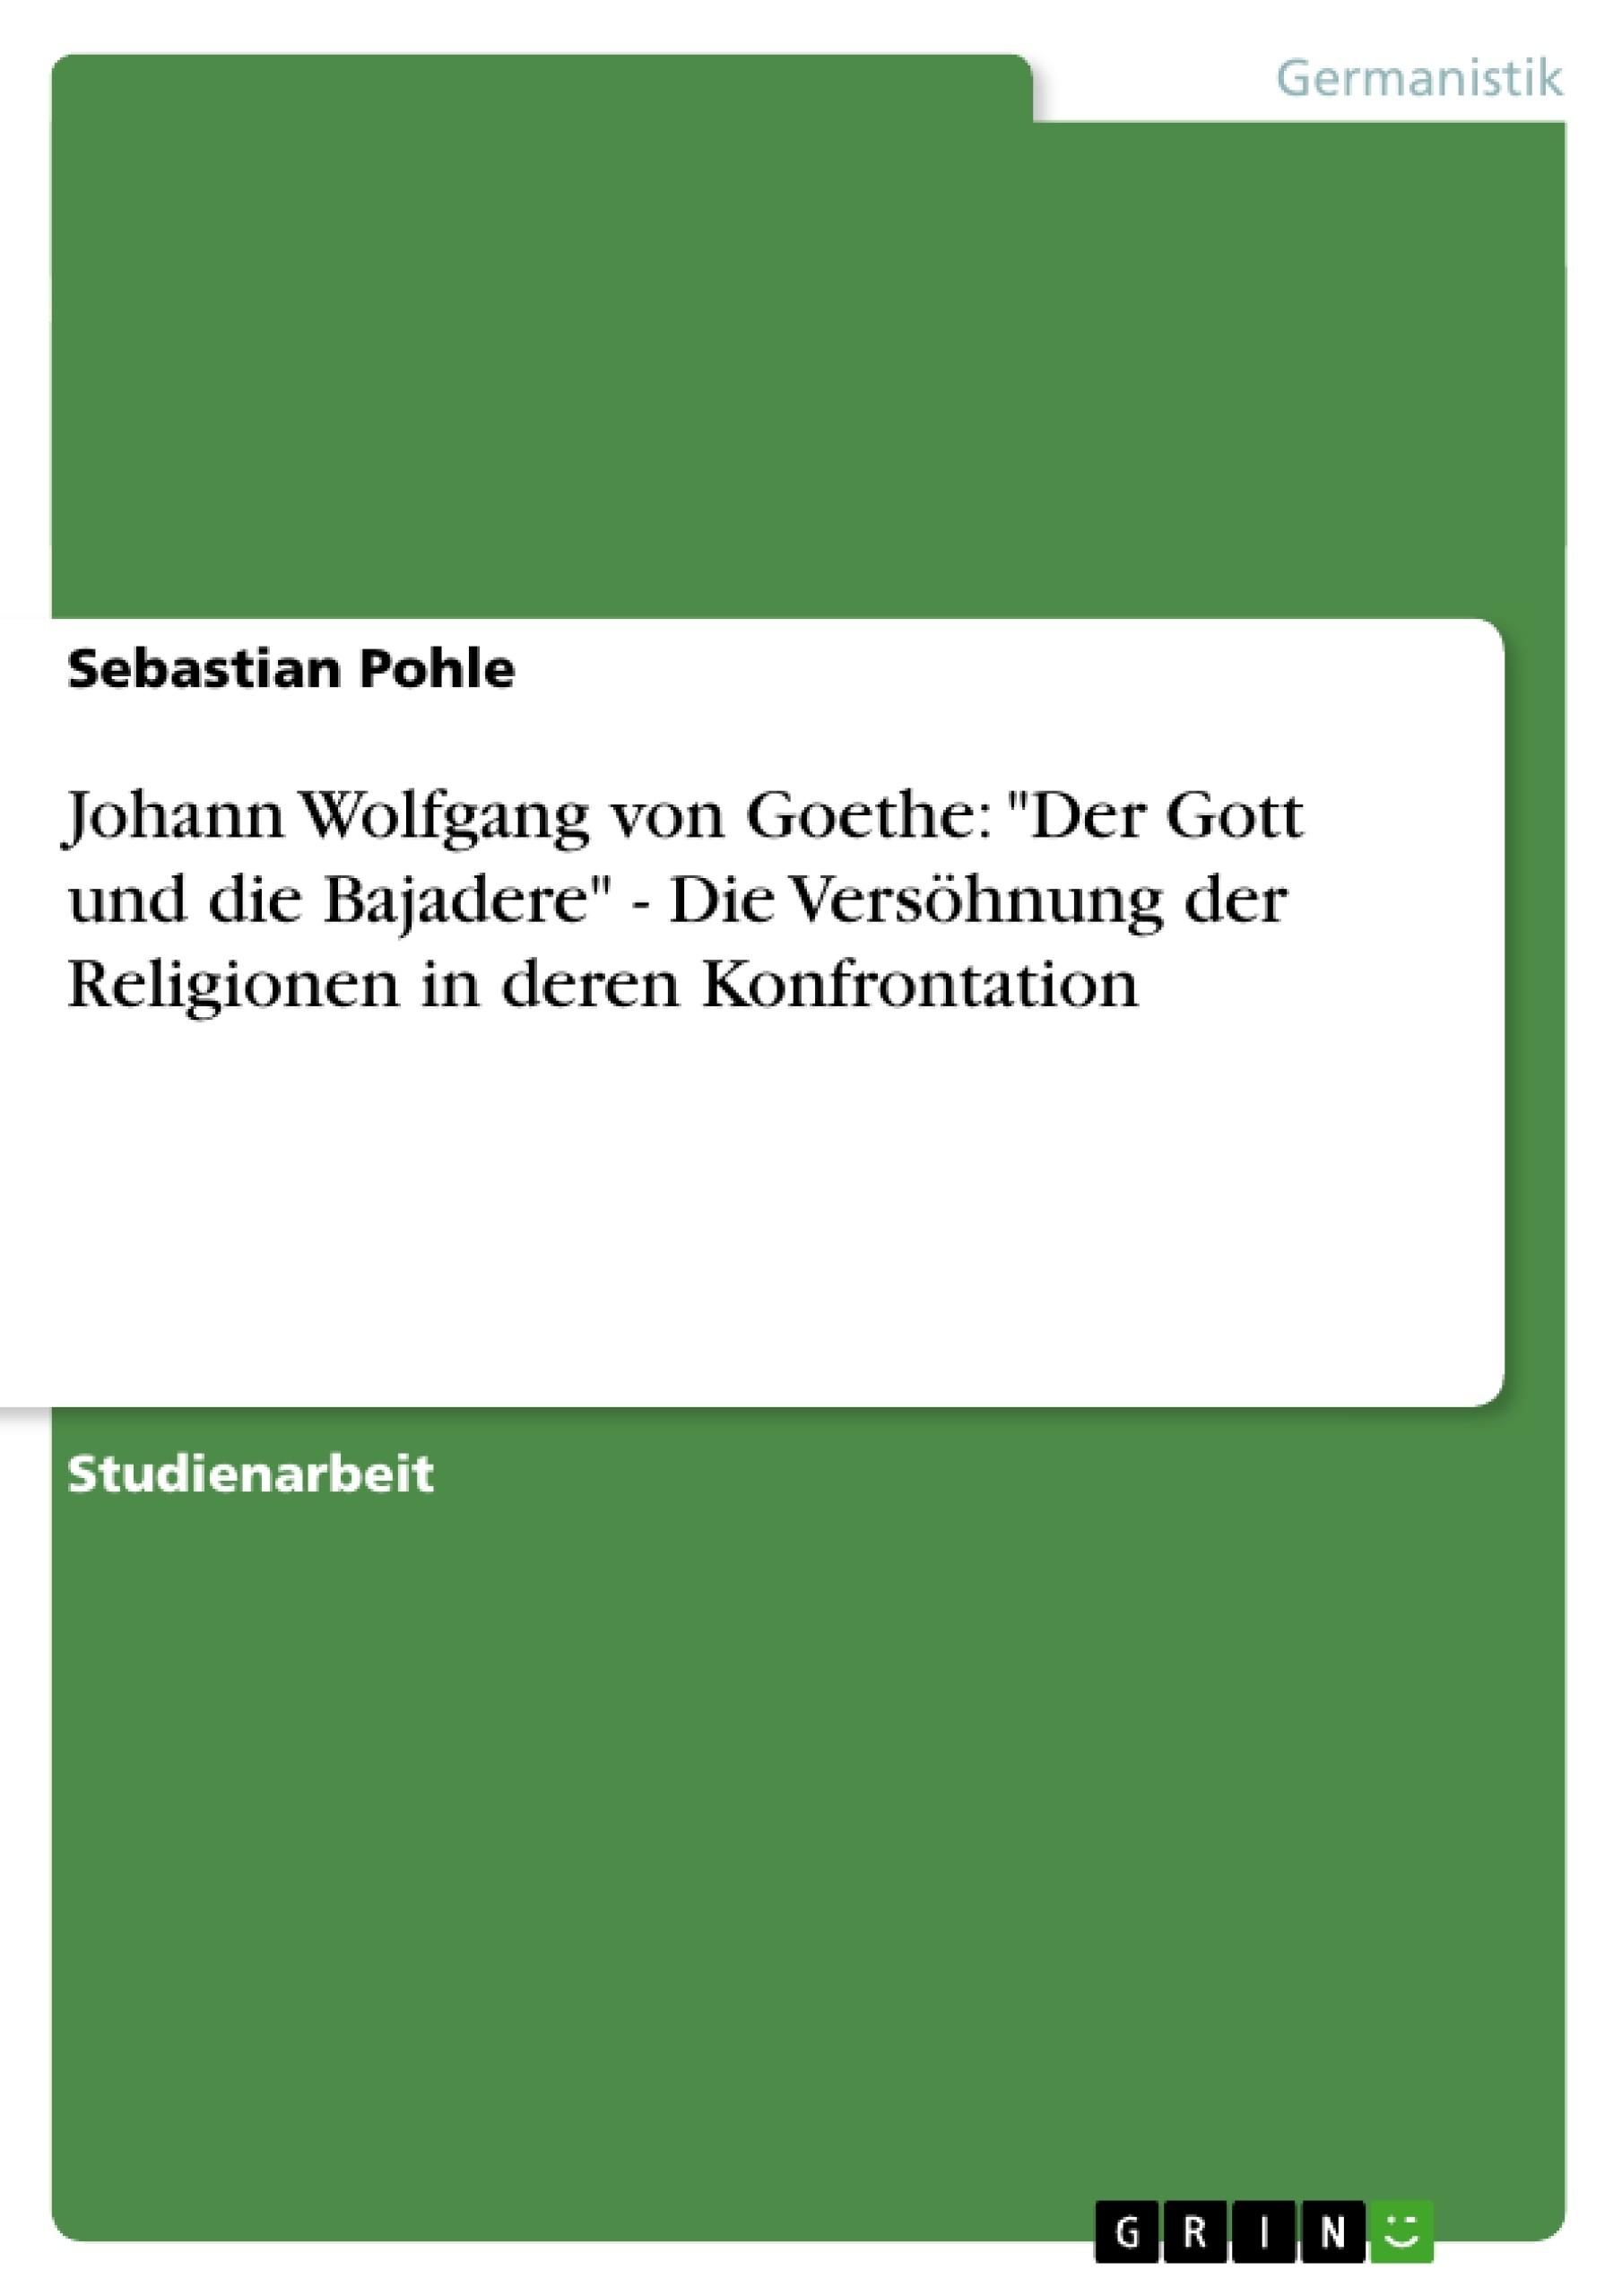 """Titel: Johann Wolfgang von Goethe: """"Der Gott und die Bajadere"""" - Die Versöhnung der Religionen in deren Konfrontation"""